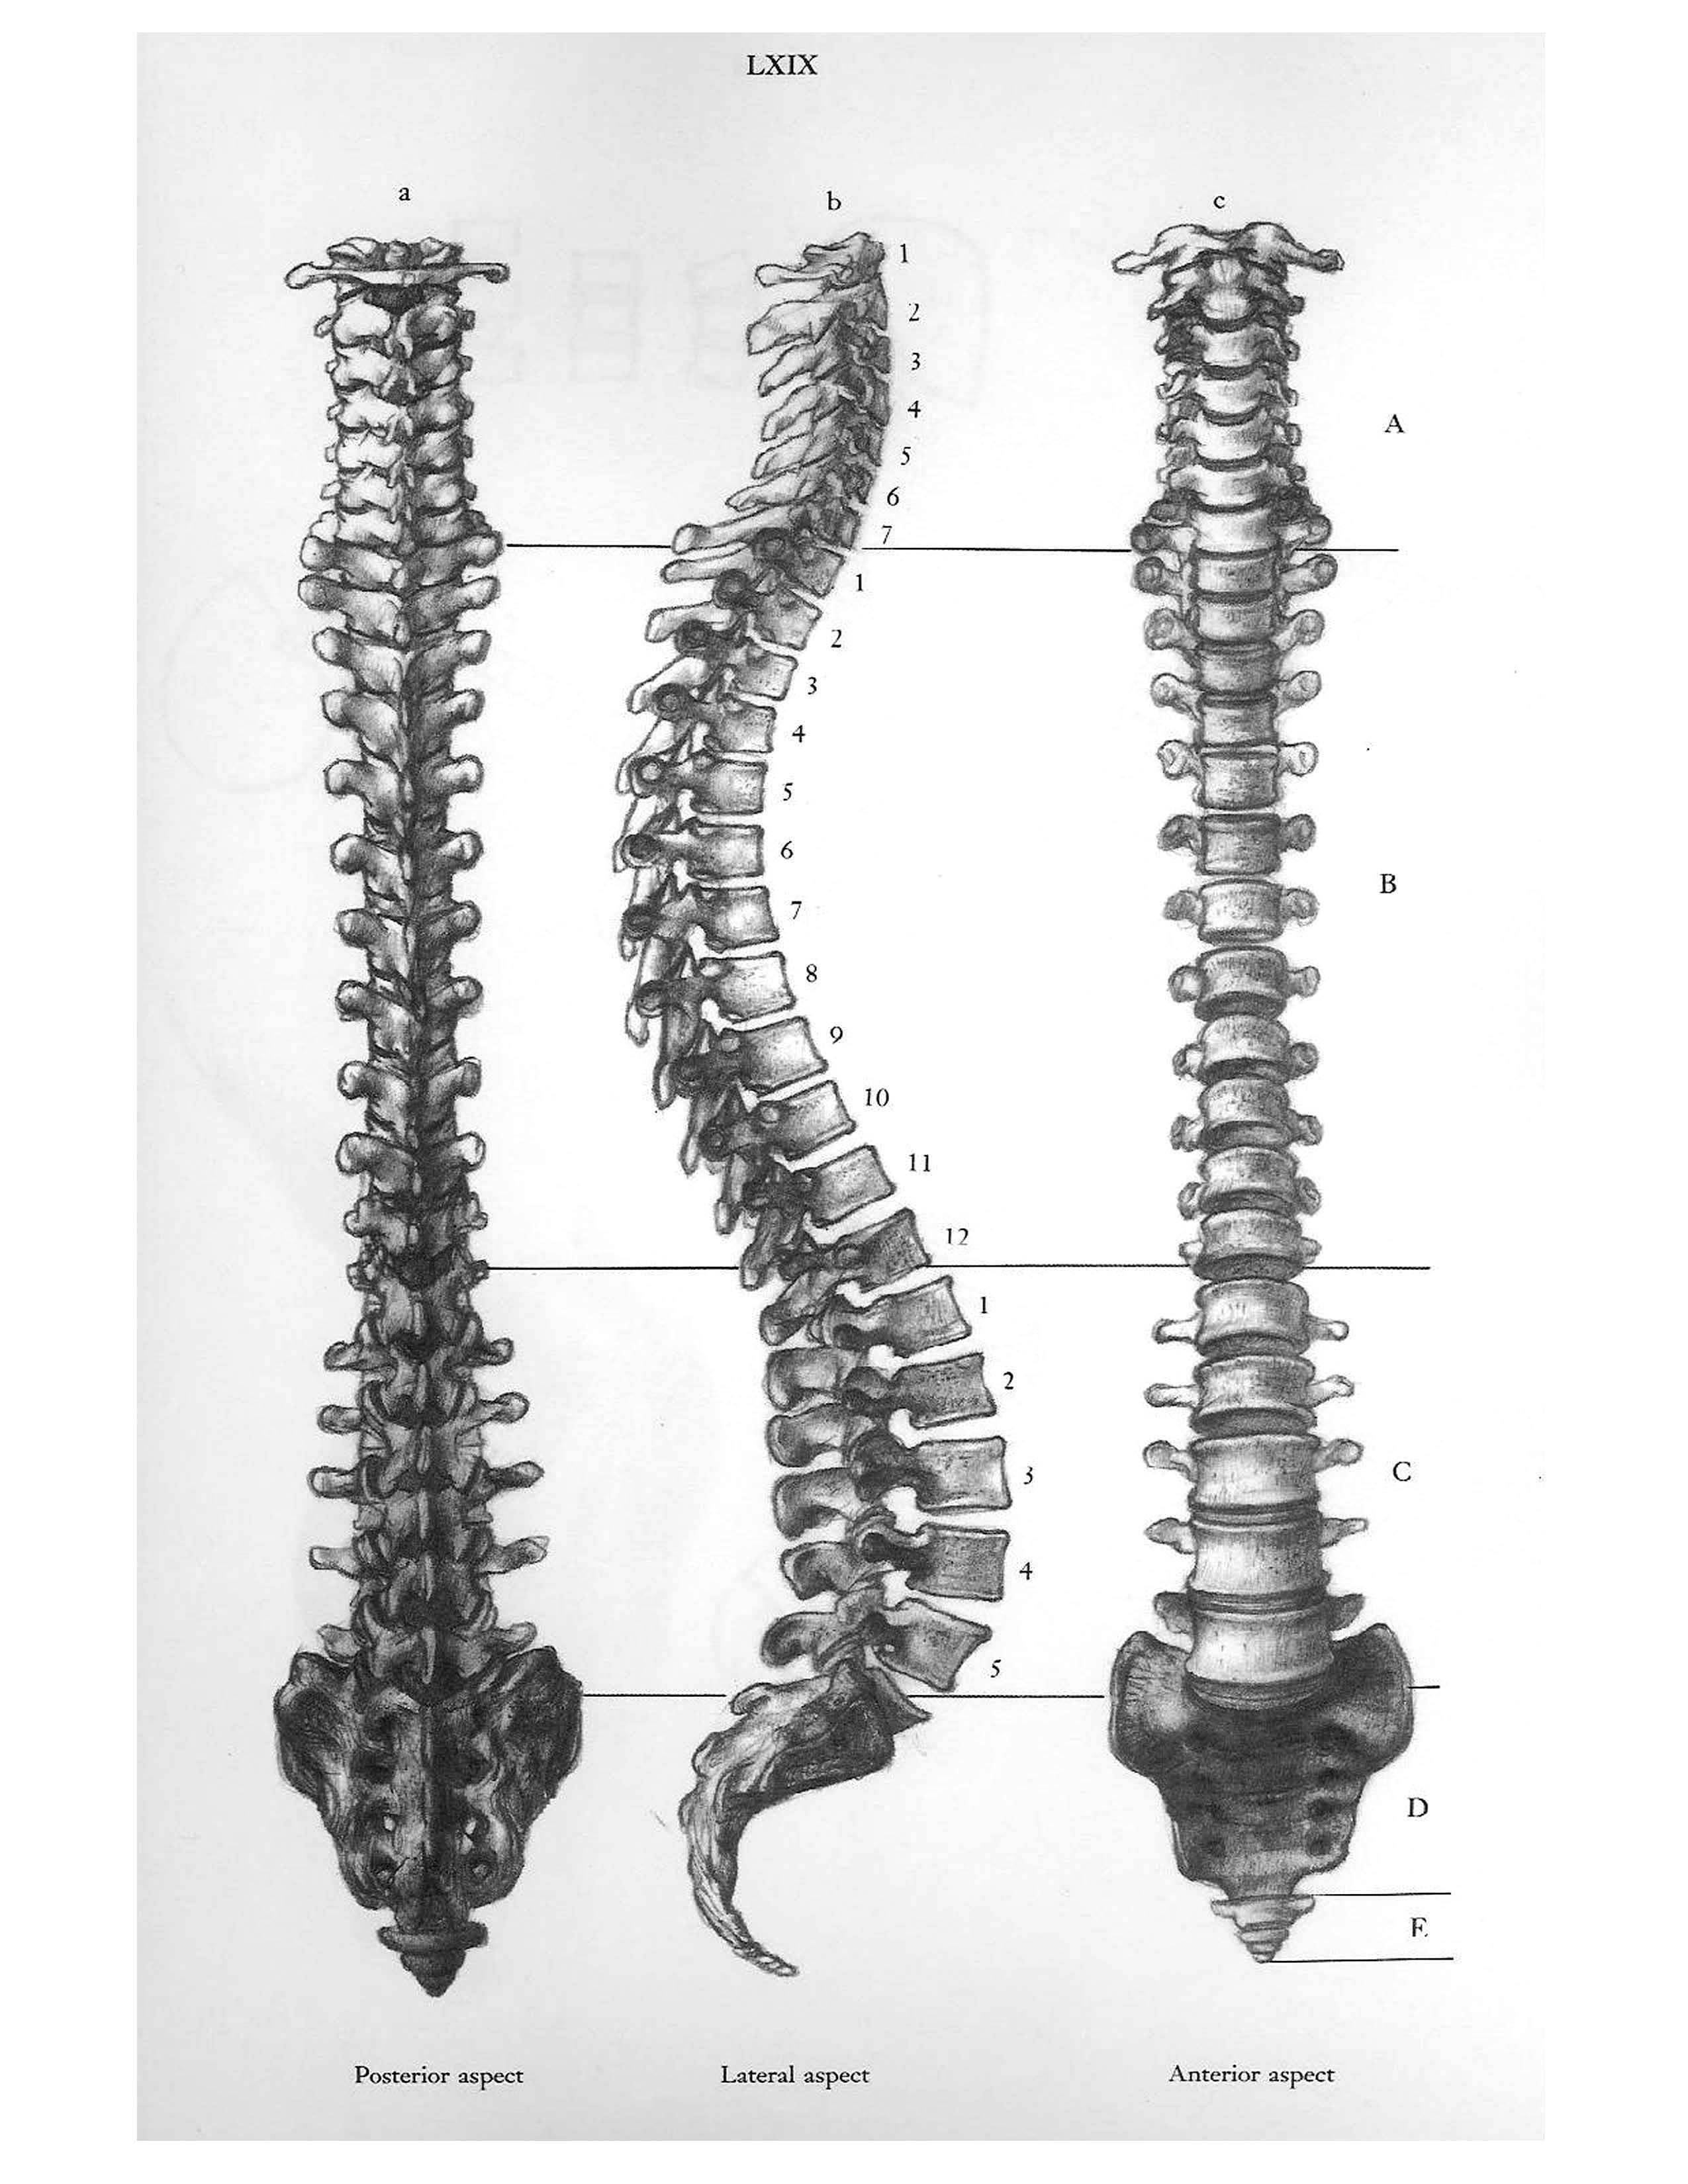 Pin Szerz Je Magor Vagyok Kozzeteve Itt Drawing Tutorials The Human Skeleton System